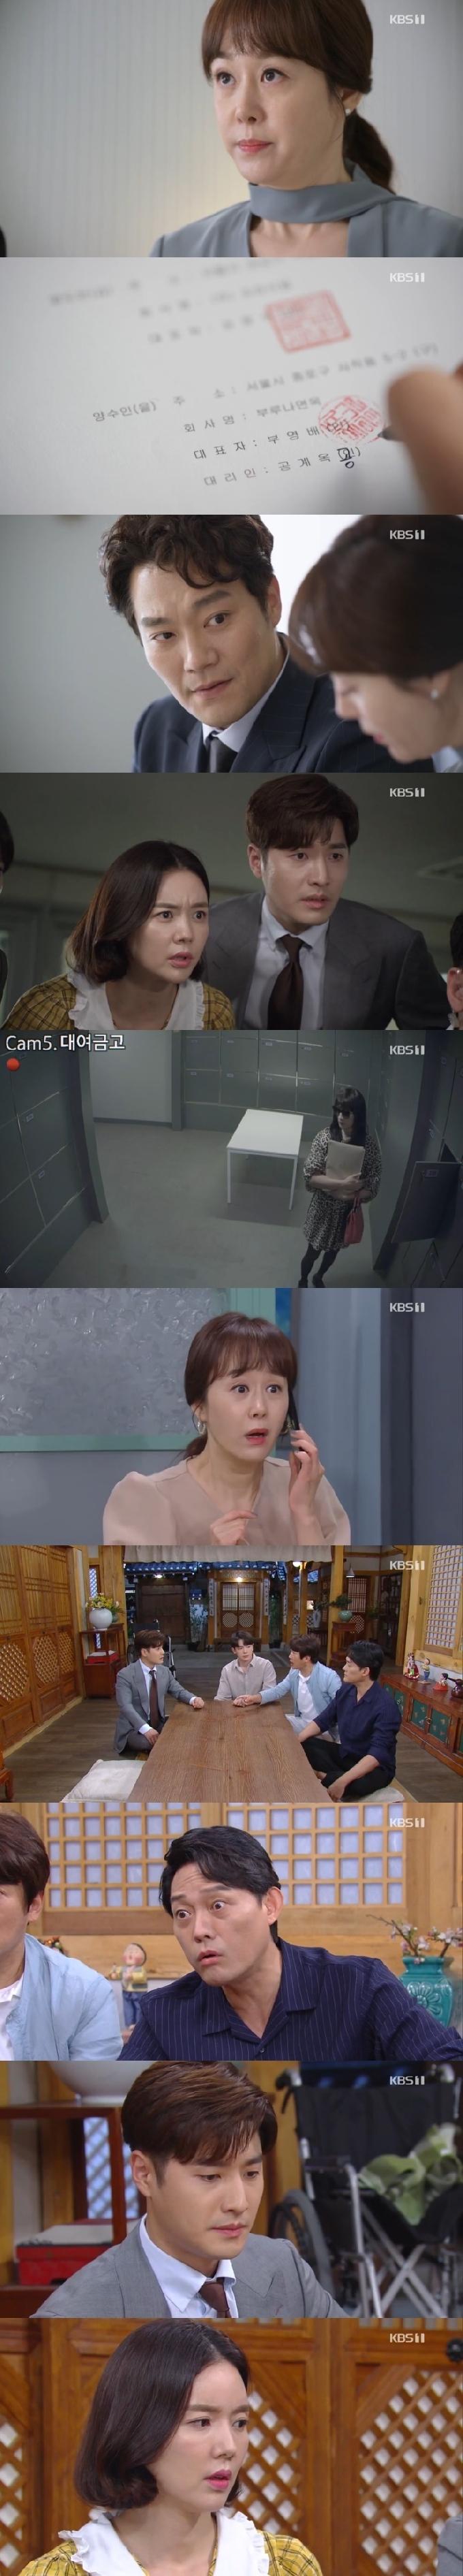 '기막힌 유산' 강세정, 조순창·김난주 악행에 의심받아…